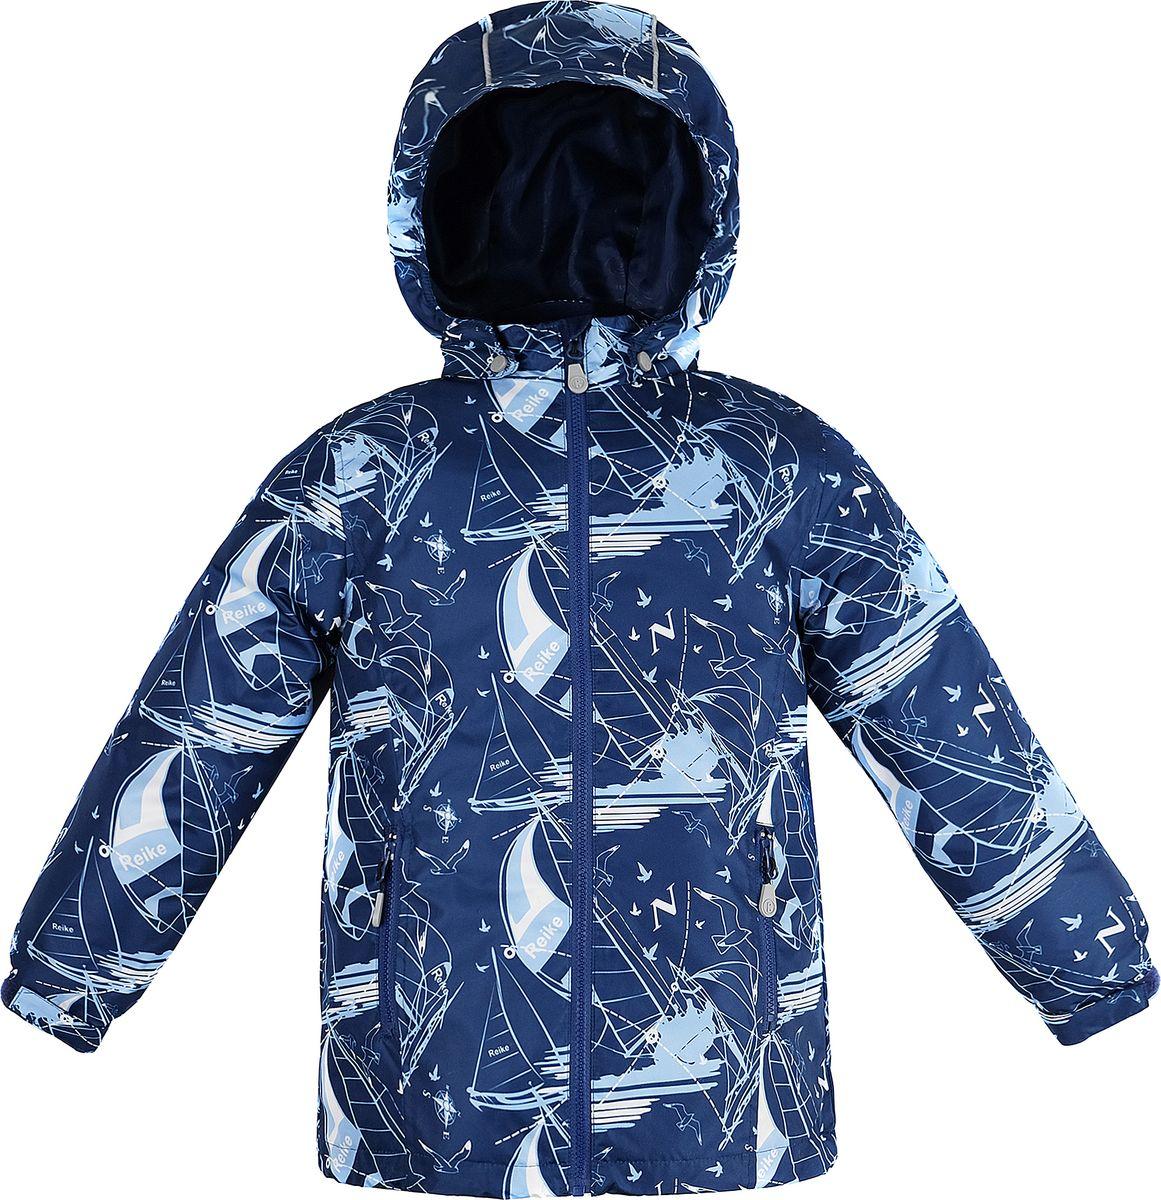 Куртка для мальчика Reike, цвет: темно-синий. 40 900 115_YAHT(FL) navy. Размер 152, 12 лет40 900 115_YAHT(FL) navyКуртка для мальчика Reike Yachting выполнена из ветрозащитного, водоотталкивающего и дышащего мембранного материала, декорированного принтом с морской тематикой. Подкладка - микрофлис. Рукава на резинке дополнительно регулируются с помощью липучек. Модель имеет съемный капюшон с козырьком, два боковых кармана на молнии и светоотражающие элементы. Базовый уровень. Коэффициент воздухопроницаемости куртки 2000гр/м2/24 ч. Водоотталкивающее покрытие: 2000 мм. Без утеплителя. Посадка: плюс 6.